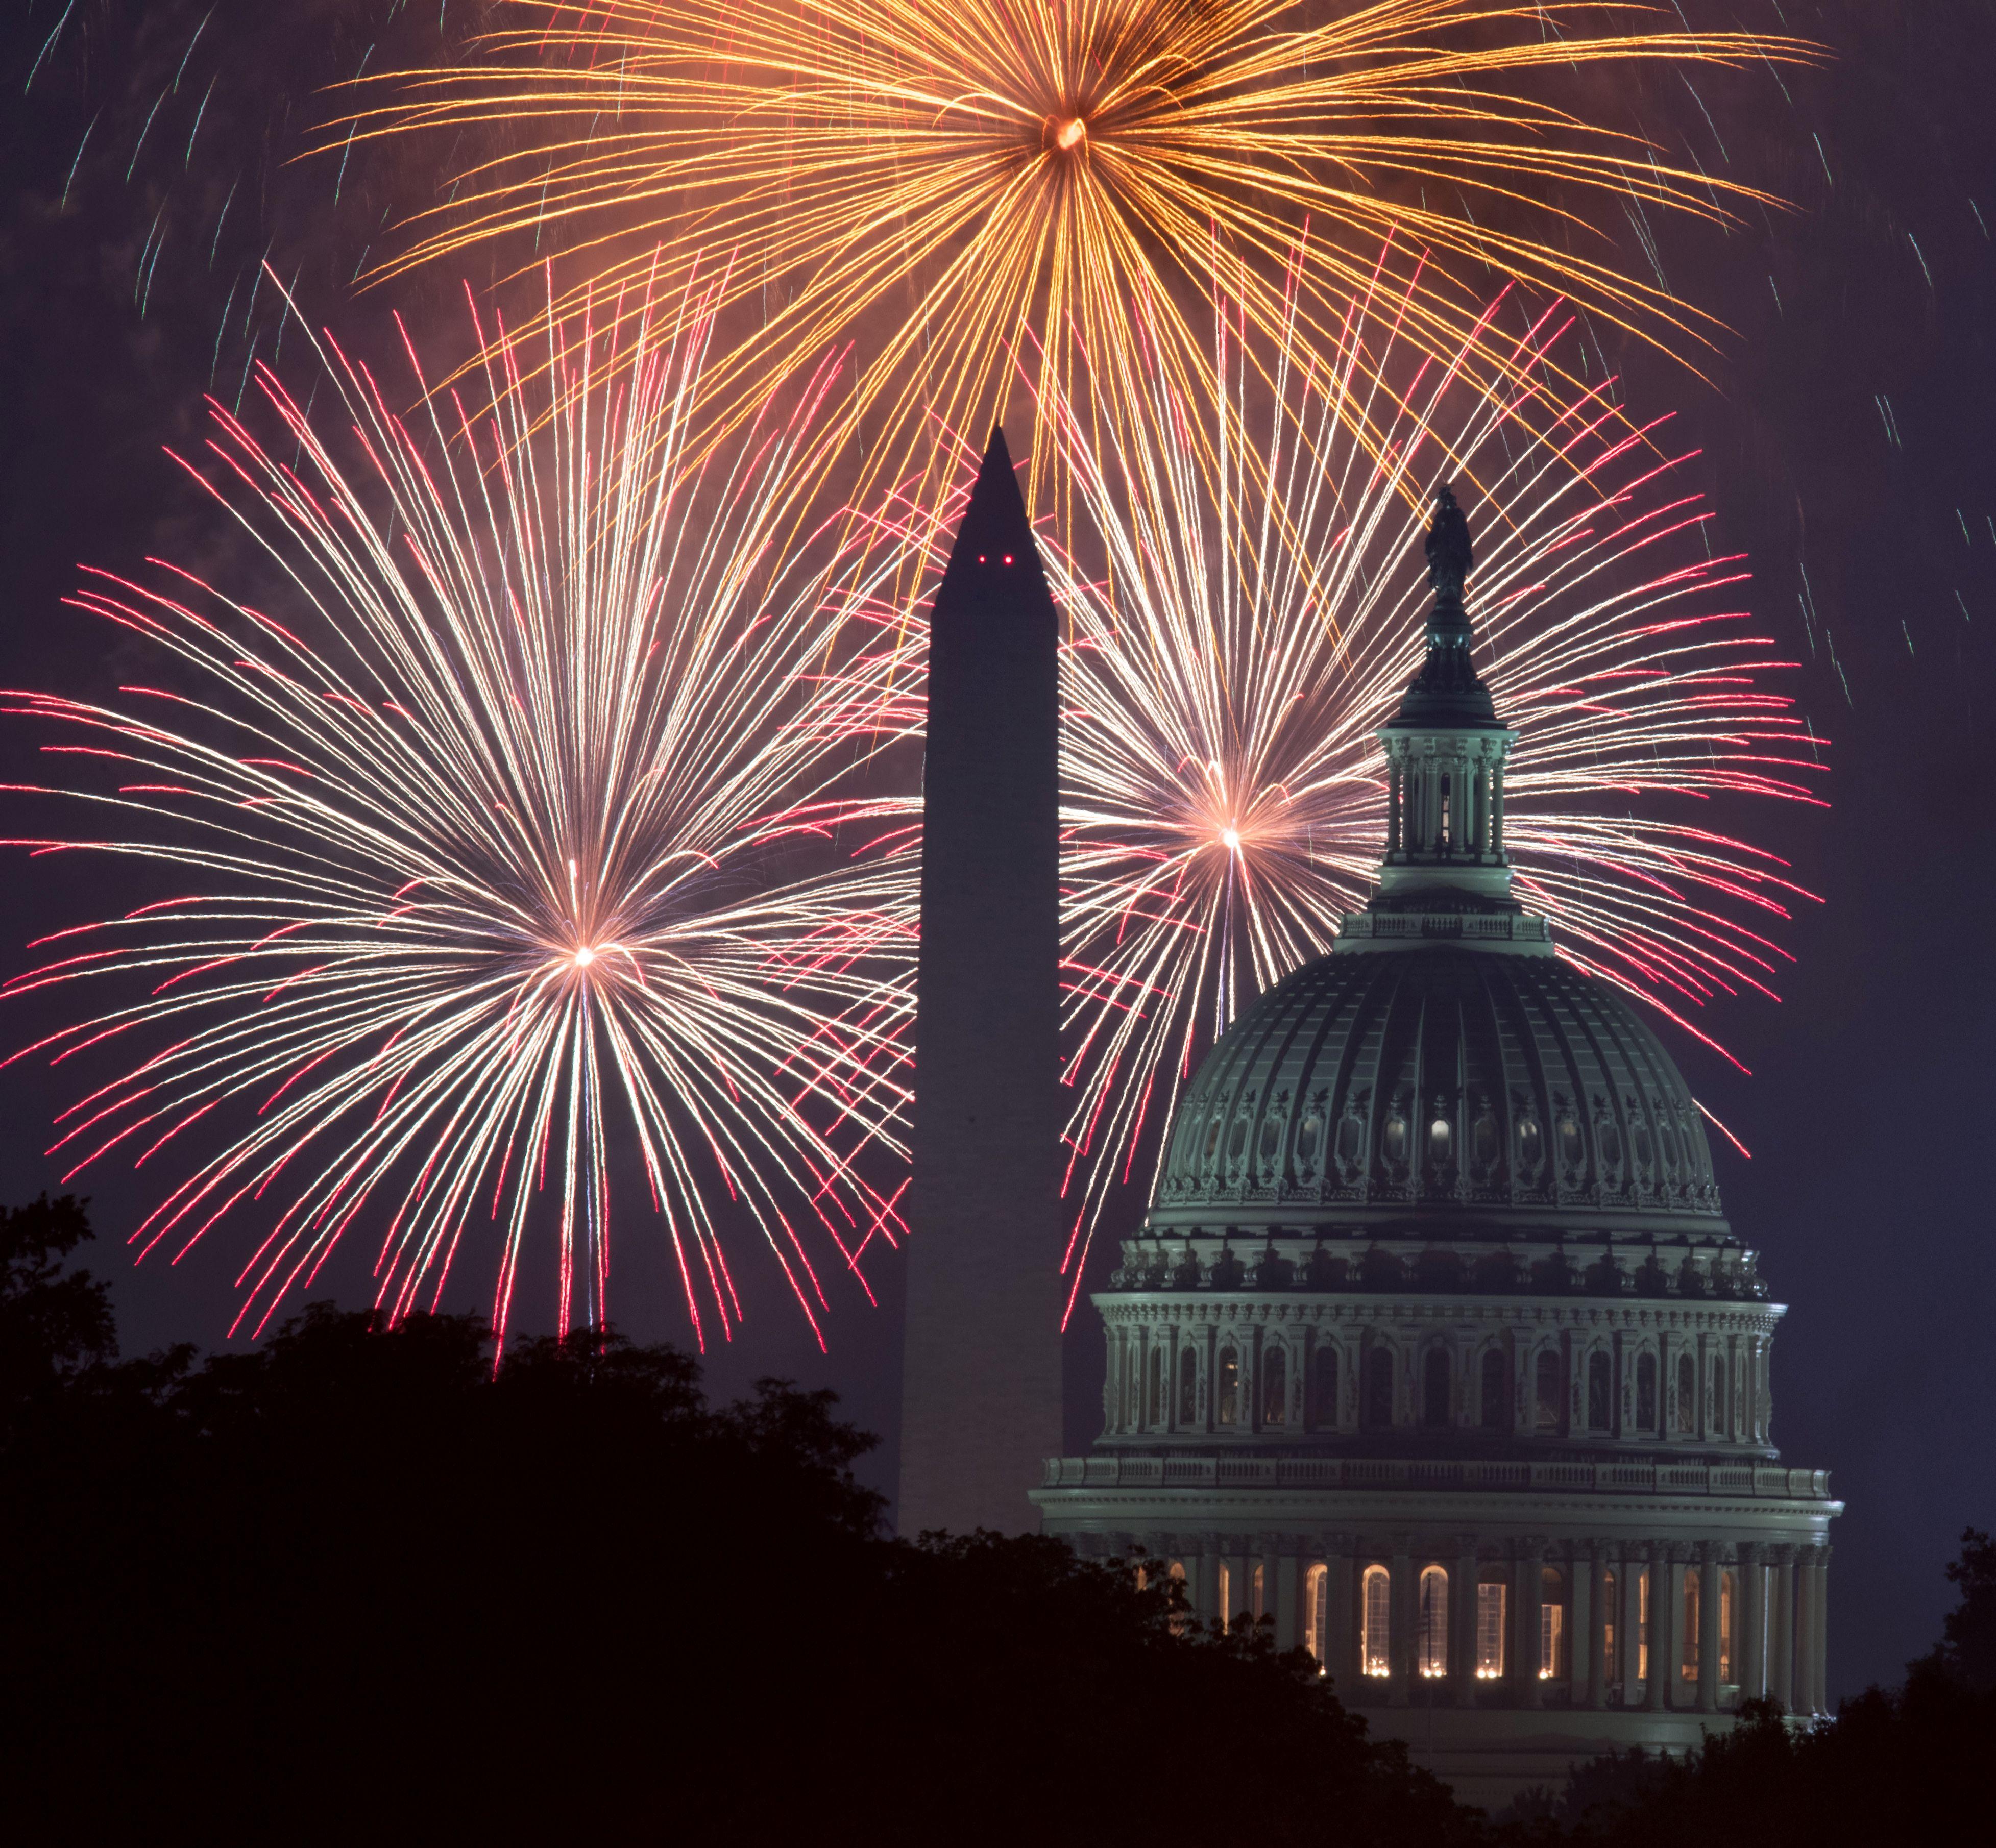 Des feux d'artifice explosent au-dessus du National Mall à Washington, DC, alors que le Capitole des États-Unis (R) et le Monument national (C) sont vus le 4 juillet 2017 à Washington, DC.